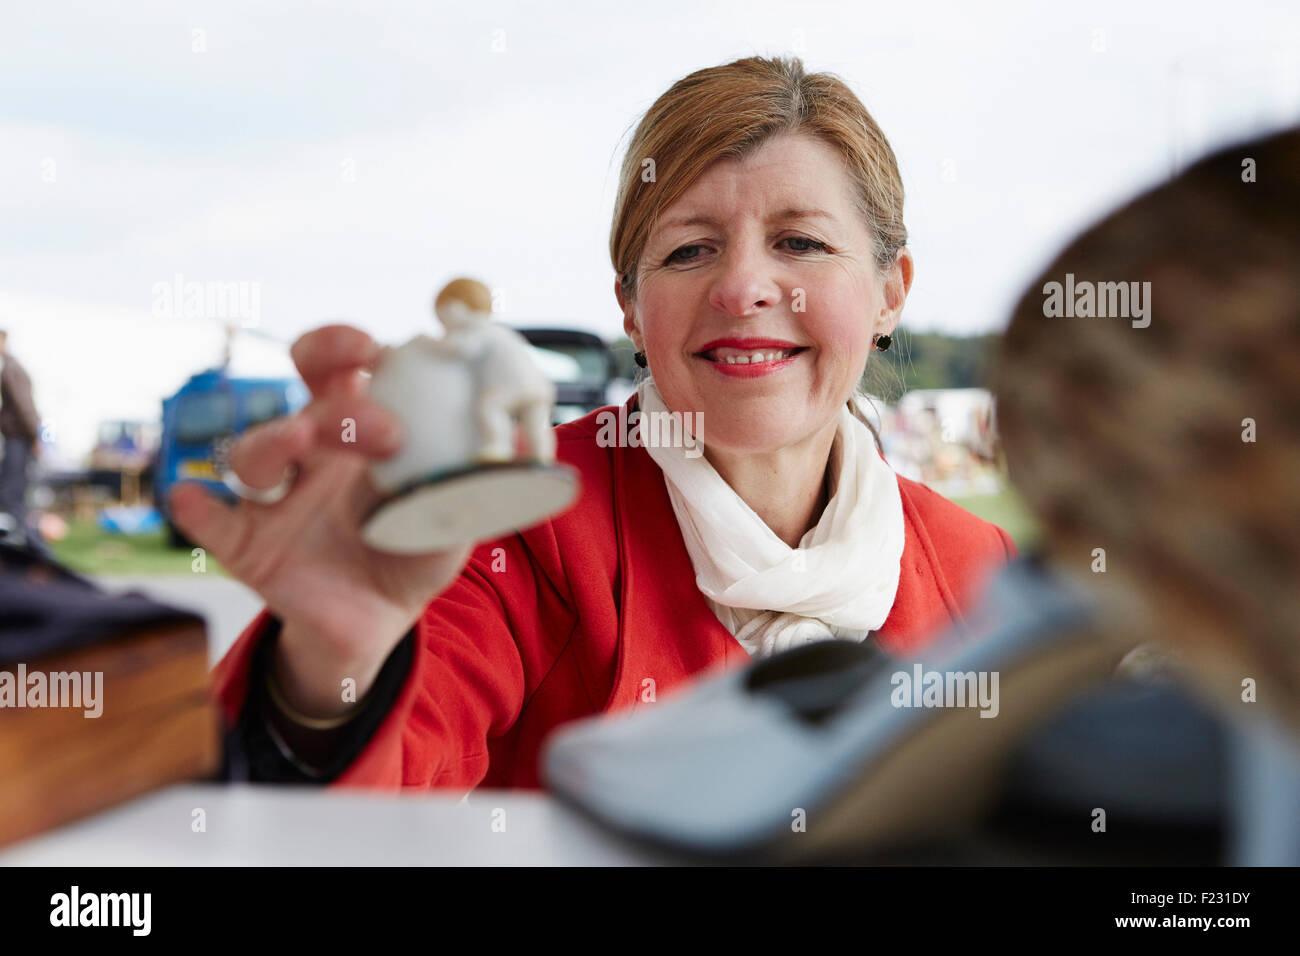 Eine reife Frau in einem roten Mantel hält eine Vintage Porzellanfigur auf einem Flohmarkt. Stockfoto